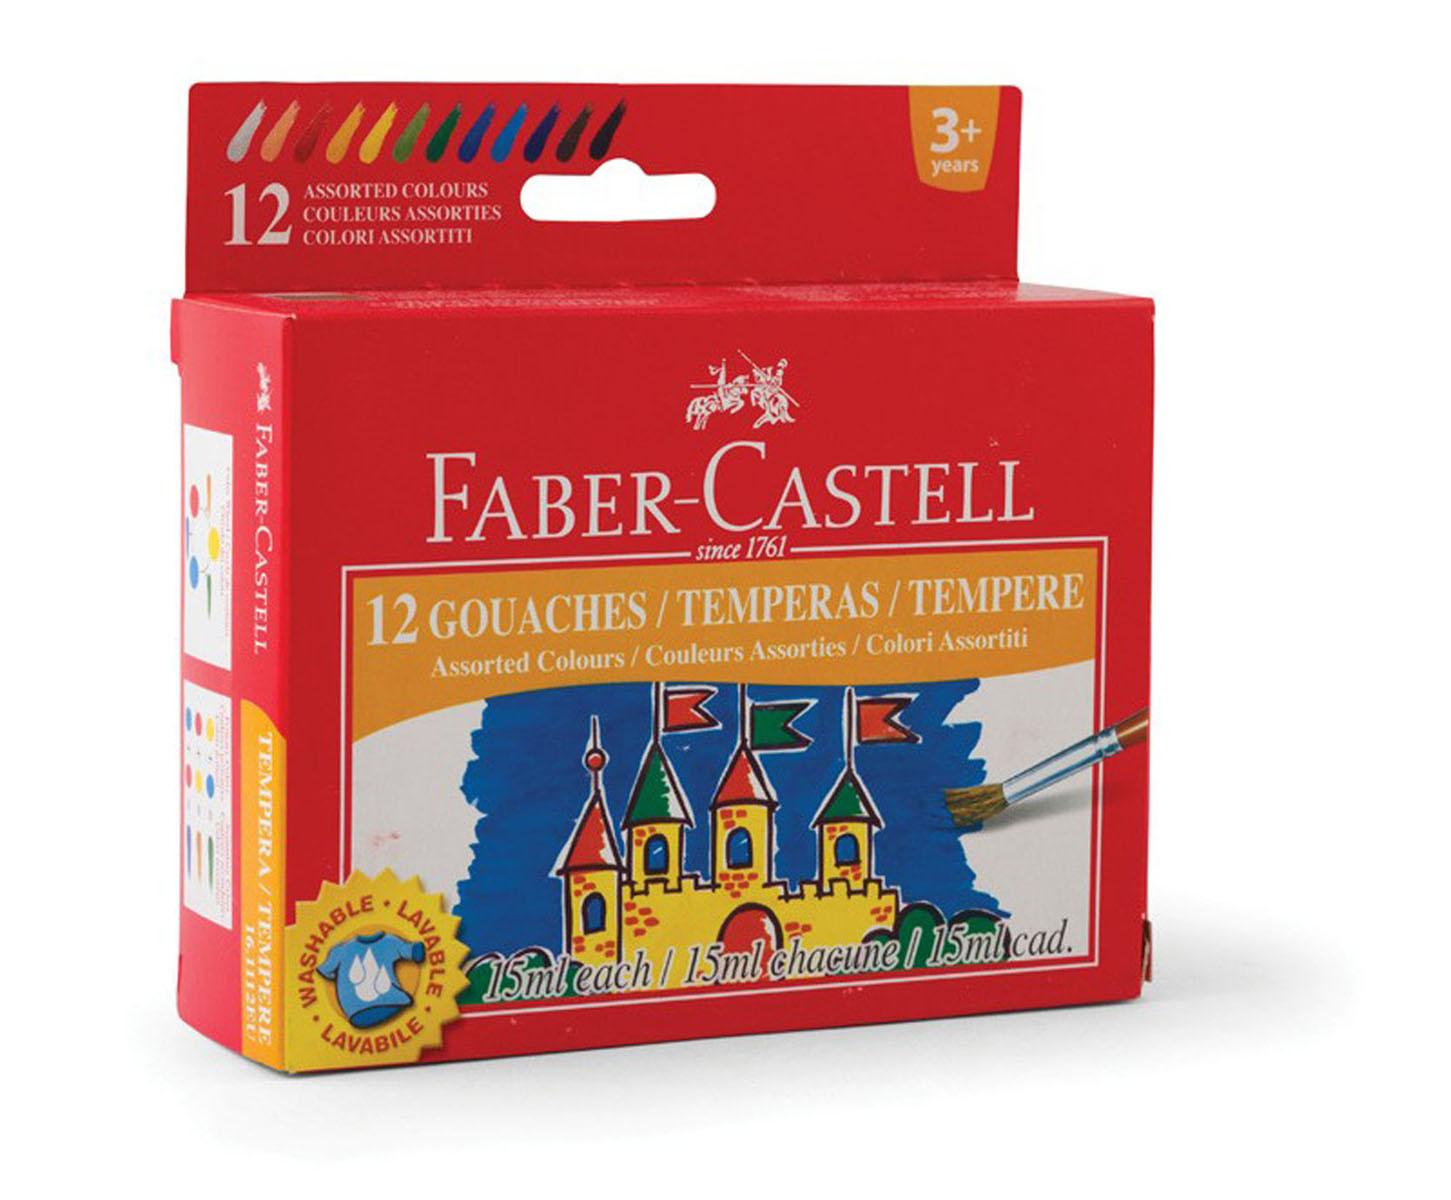 Гуашь Faber-Castell, 12 цветовFS-00261Гуашь Faber-Castell предназначена для декоративно-оформительских работ и творчества детей.В набор входят краски 12 цветов: белый, розовый, красный, оранжевый, желтый, светло-зеленый, зеленый, синий, голубой, фиолетовый, коричневый, черный.Они легко наносятся на бумагу, картон и грунтованный холст. При высыхании приобретают матовую, бархатистую поверхность.Гуашевые краски, имея оптимальную цветовую палитру, обладают оптимальной степенью укрывистости. При высыхании краски можно развести водой.С такими красками ваш малыш сможет раскрыть свой художественный талант и создать свои собственные уникальные шедевры.